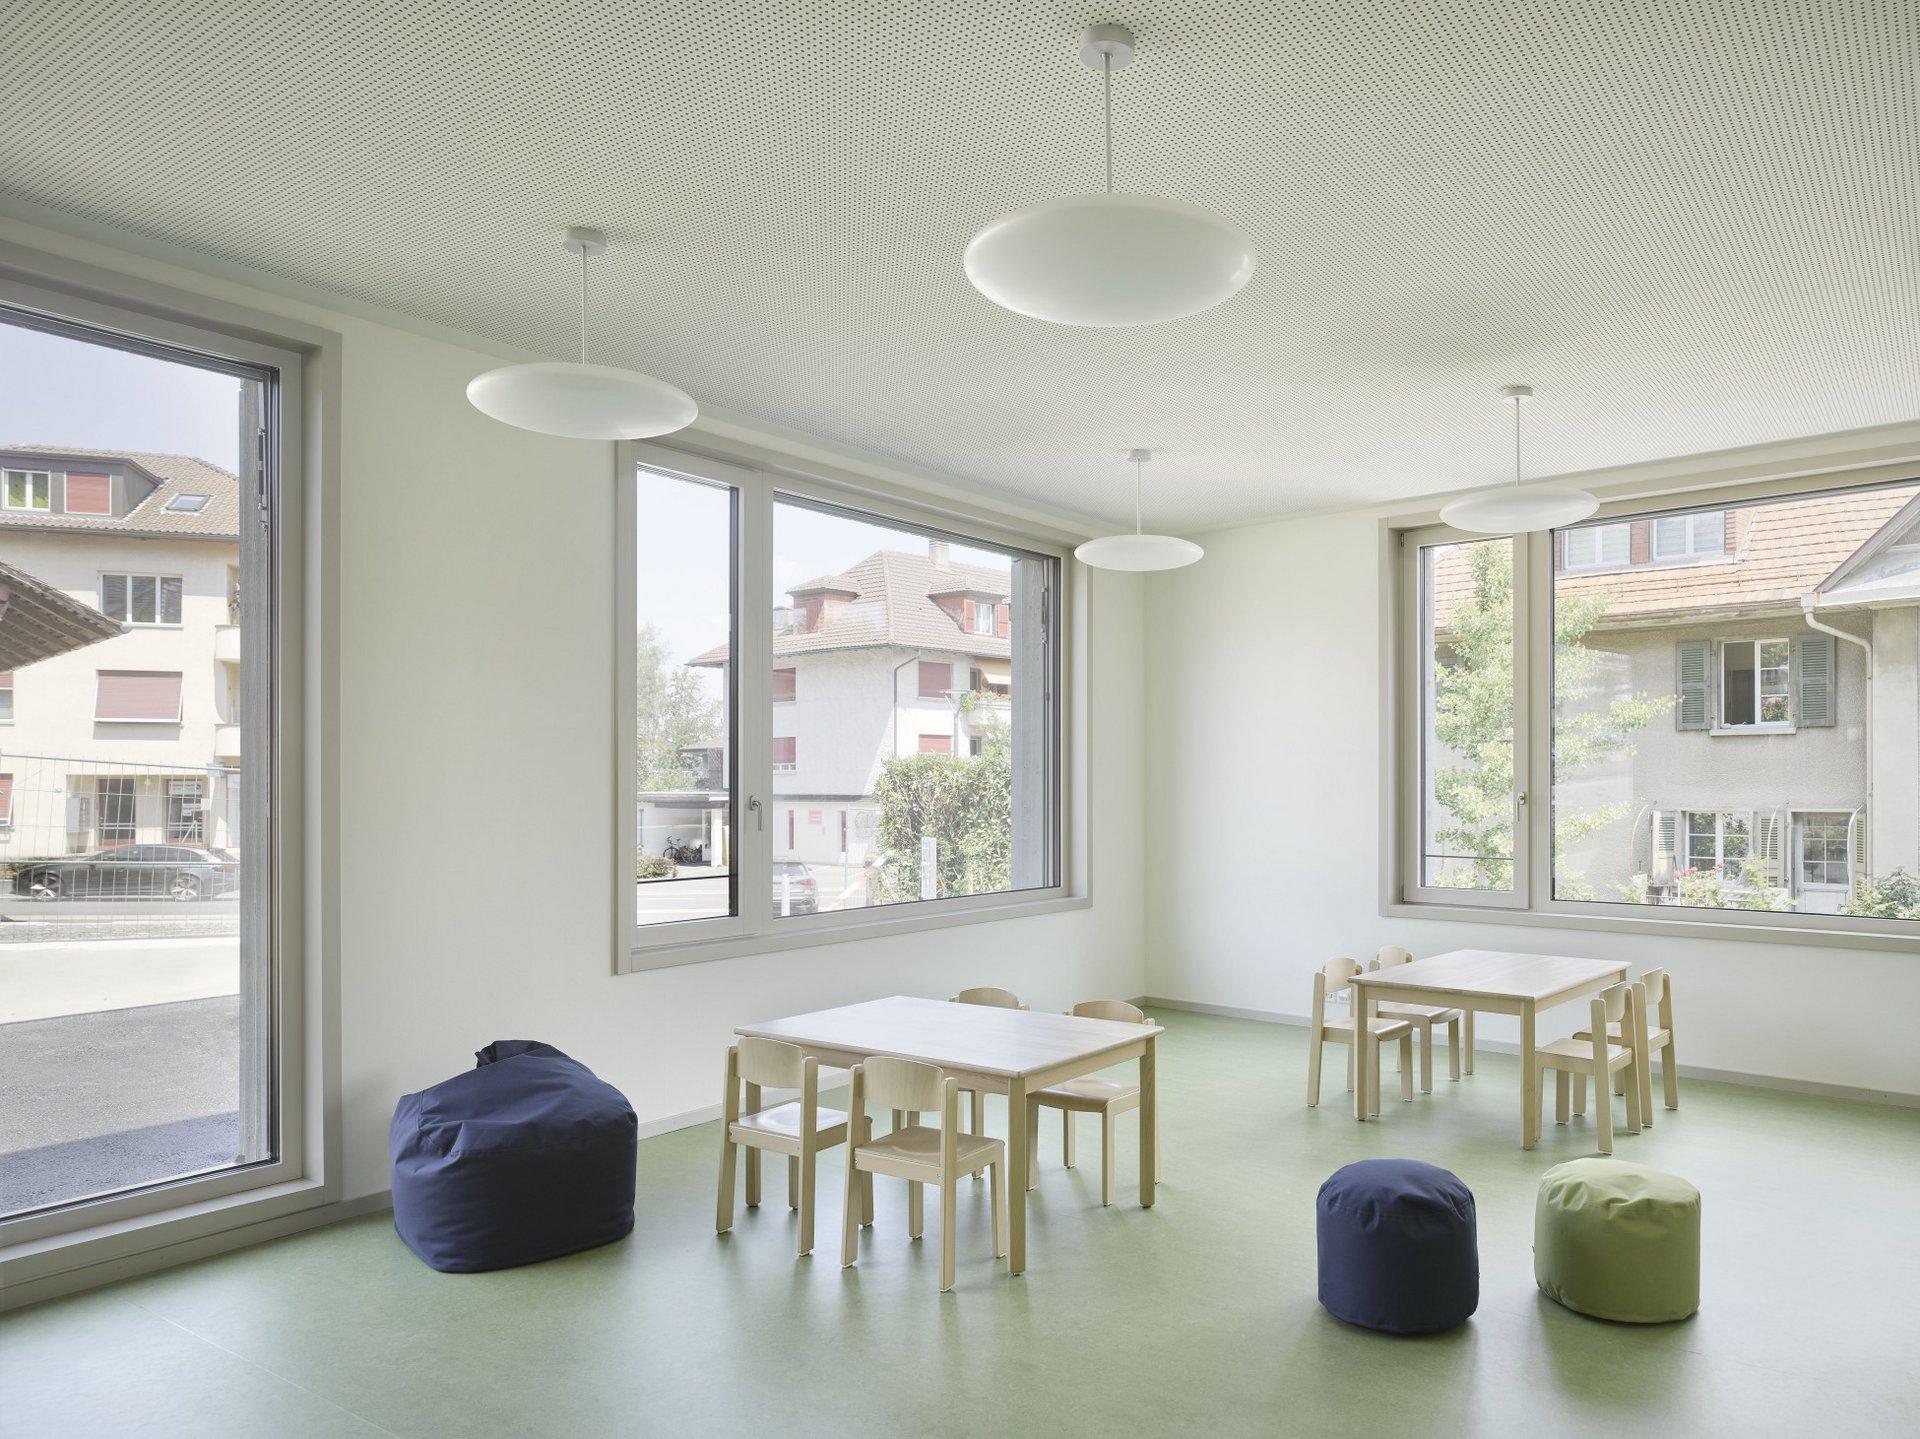 Durch grosse Fenster gut belichteter Innenraum eines Schulzimmers mit Arbeitstischen und Sitzsäcken